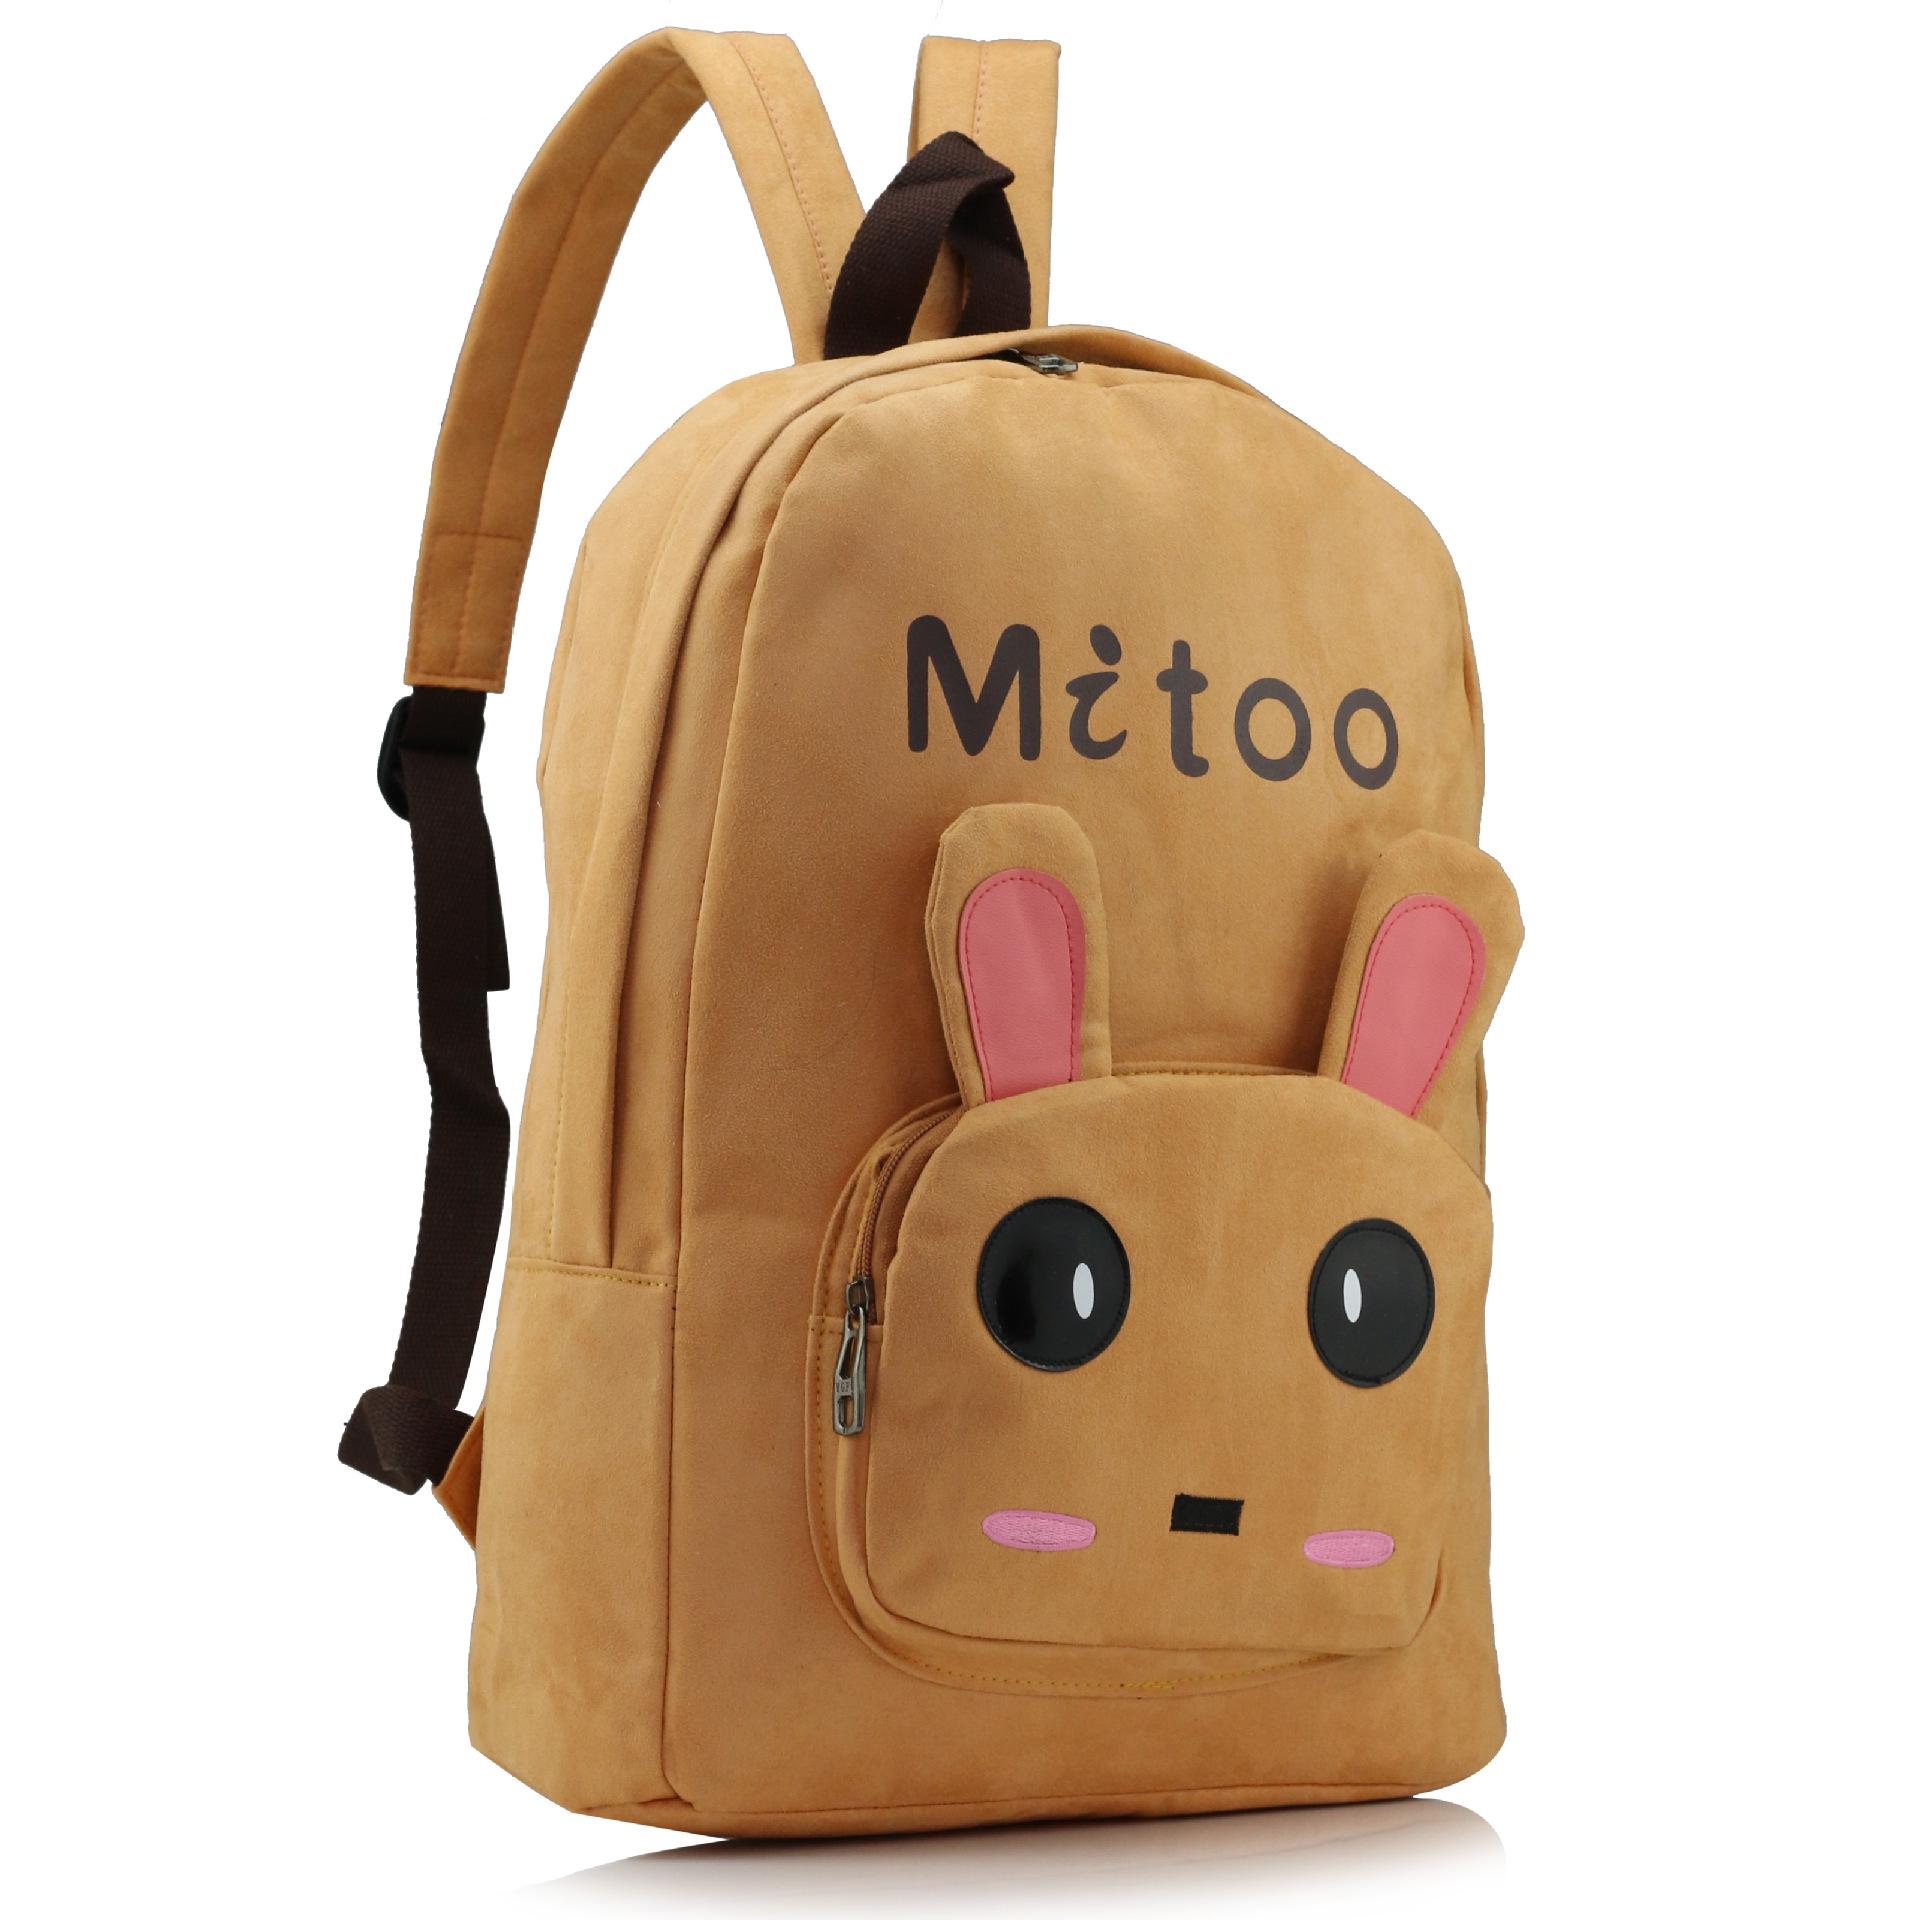 双肩包帆布包时尚卡通兔子背包学生书包 卡其色